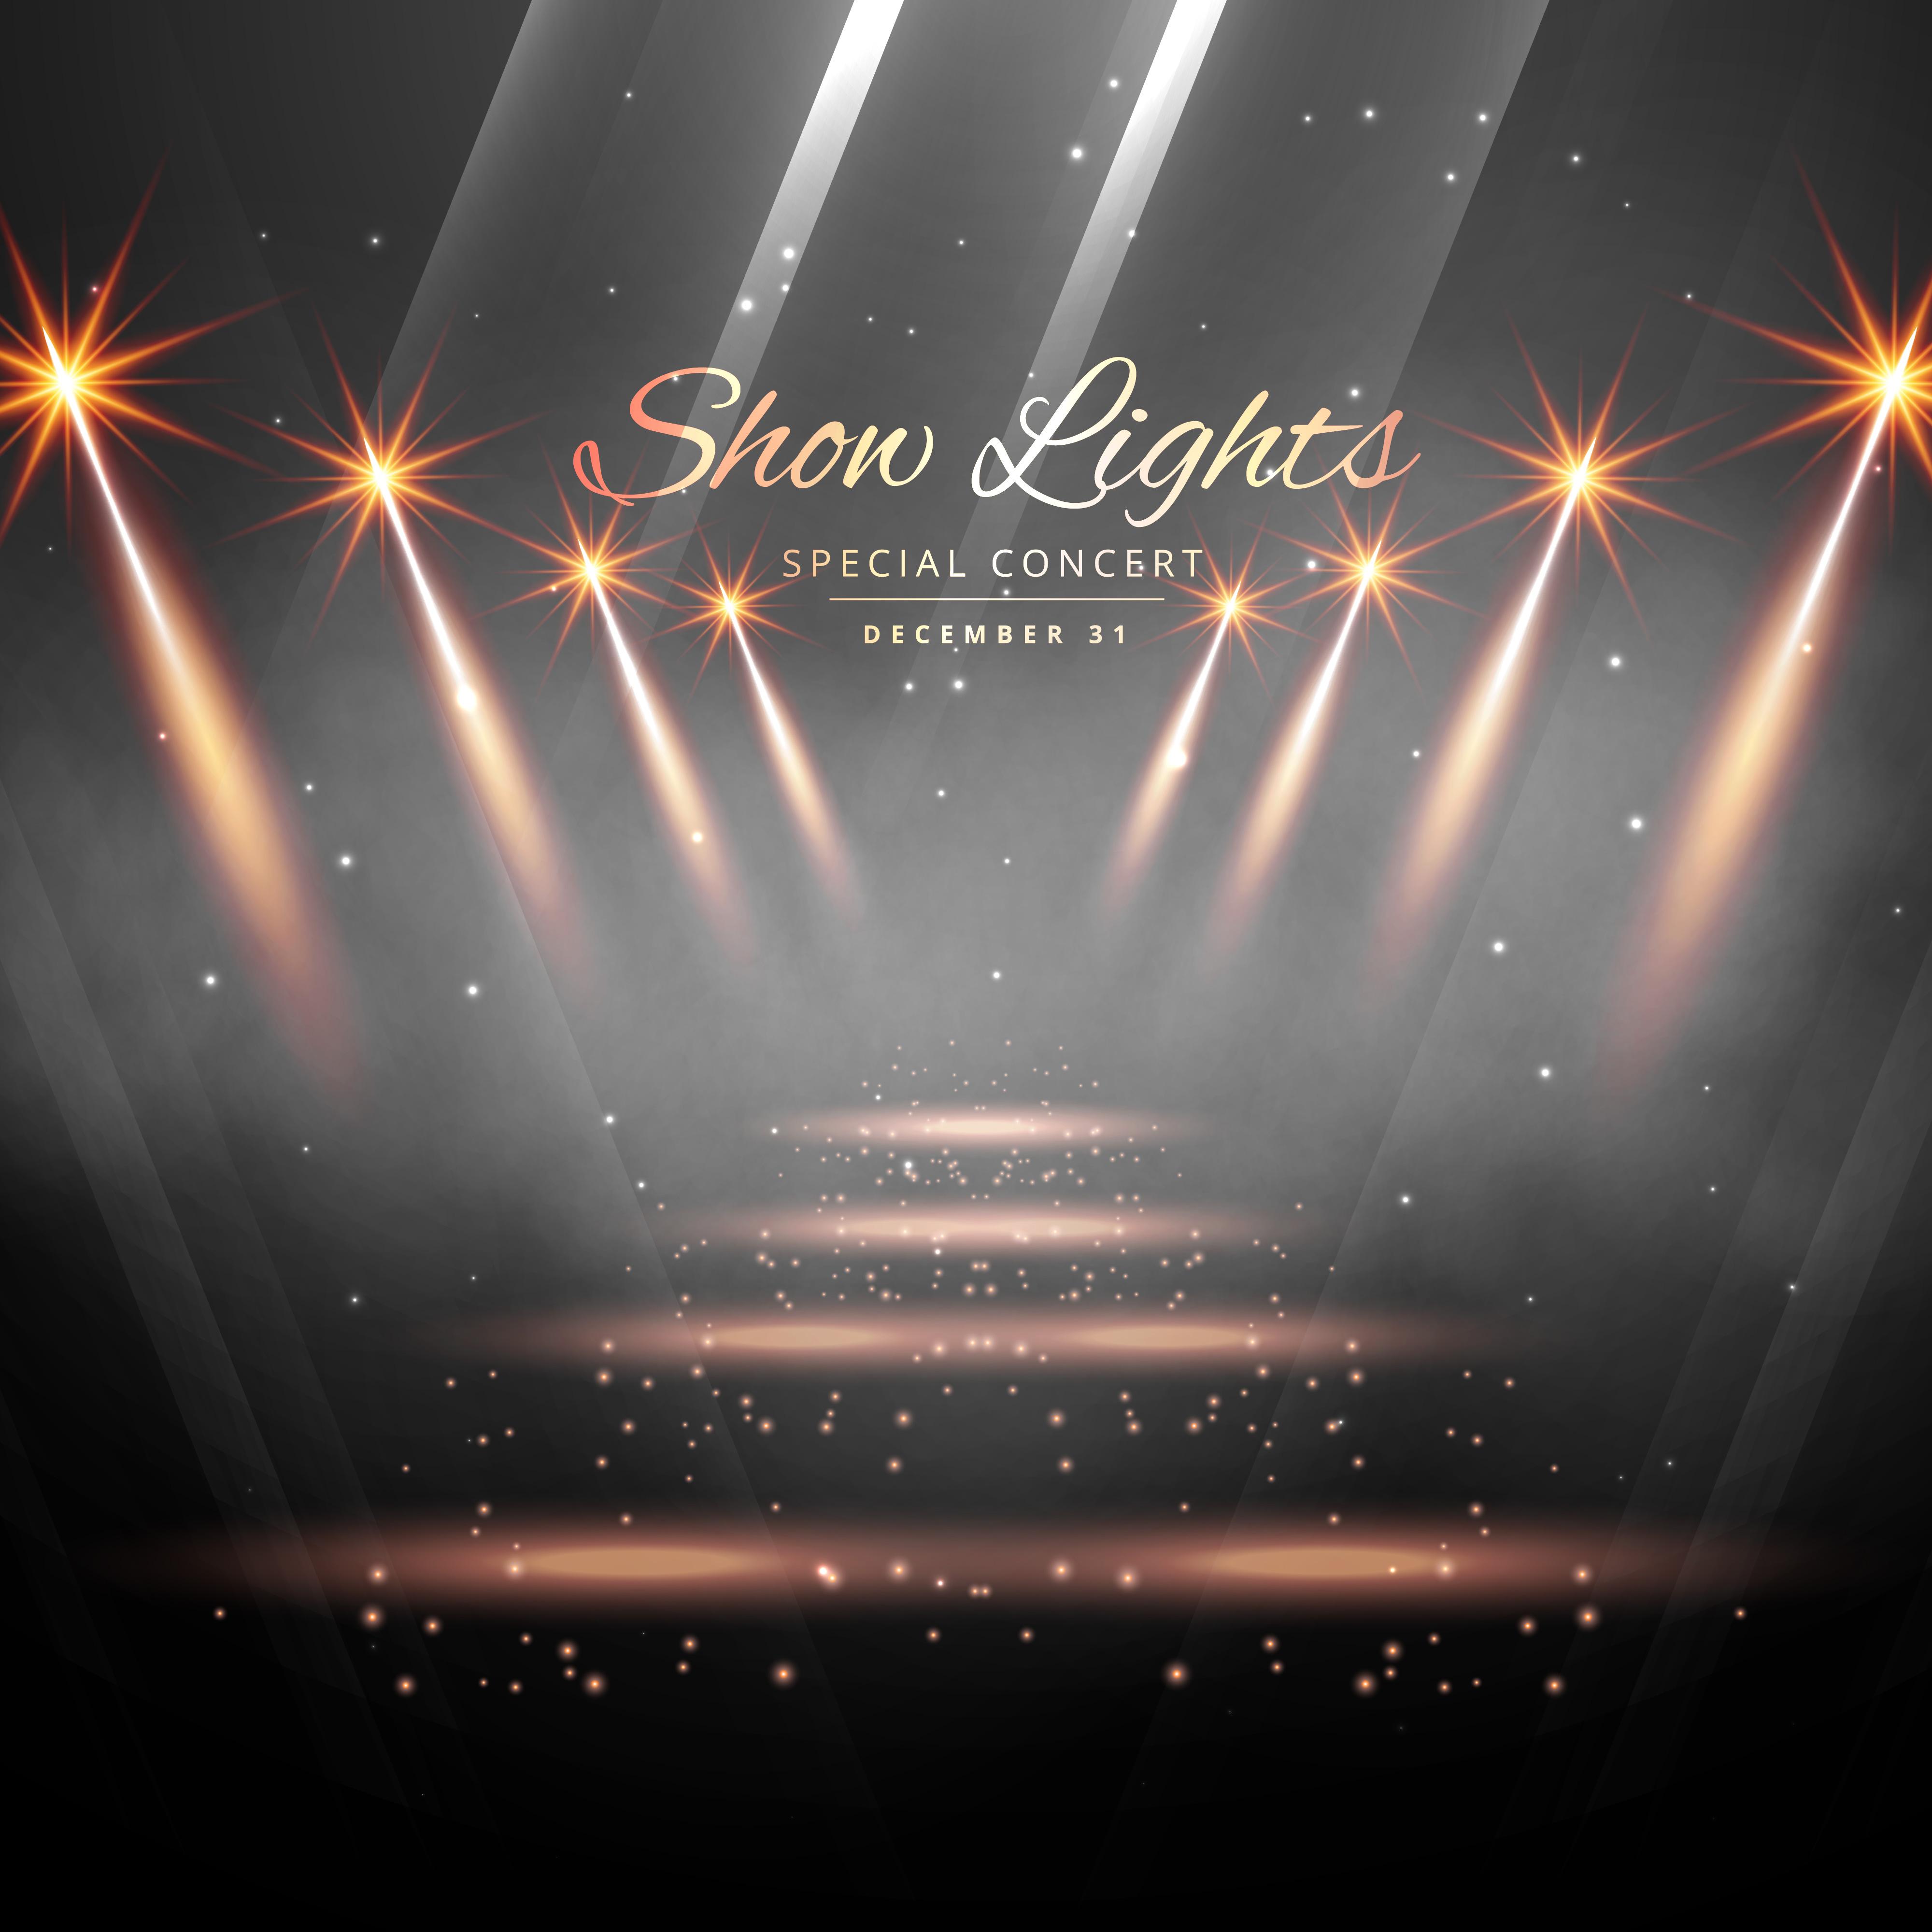 Stadium Lights Svg: Spot Light Free Vector Art